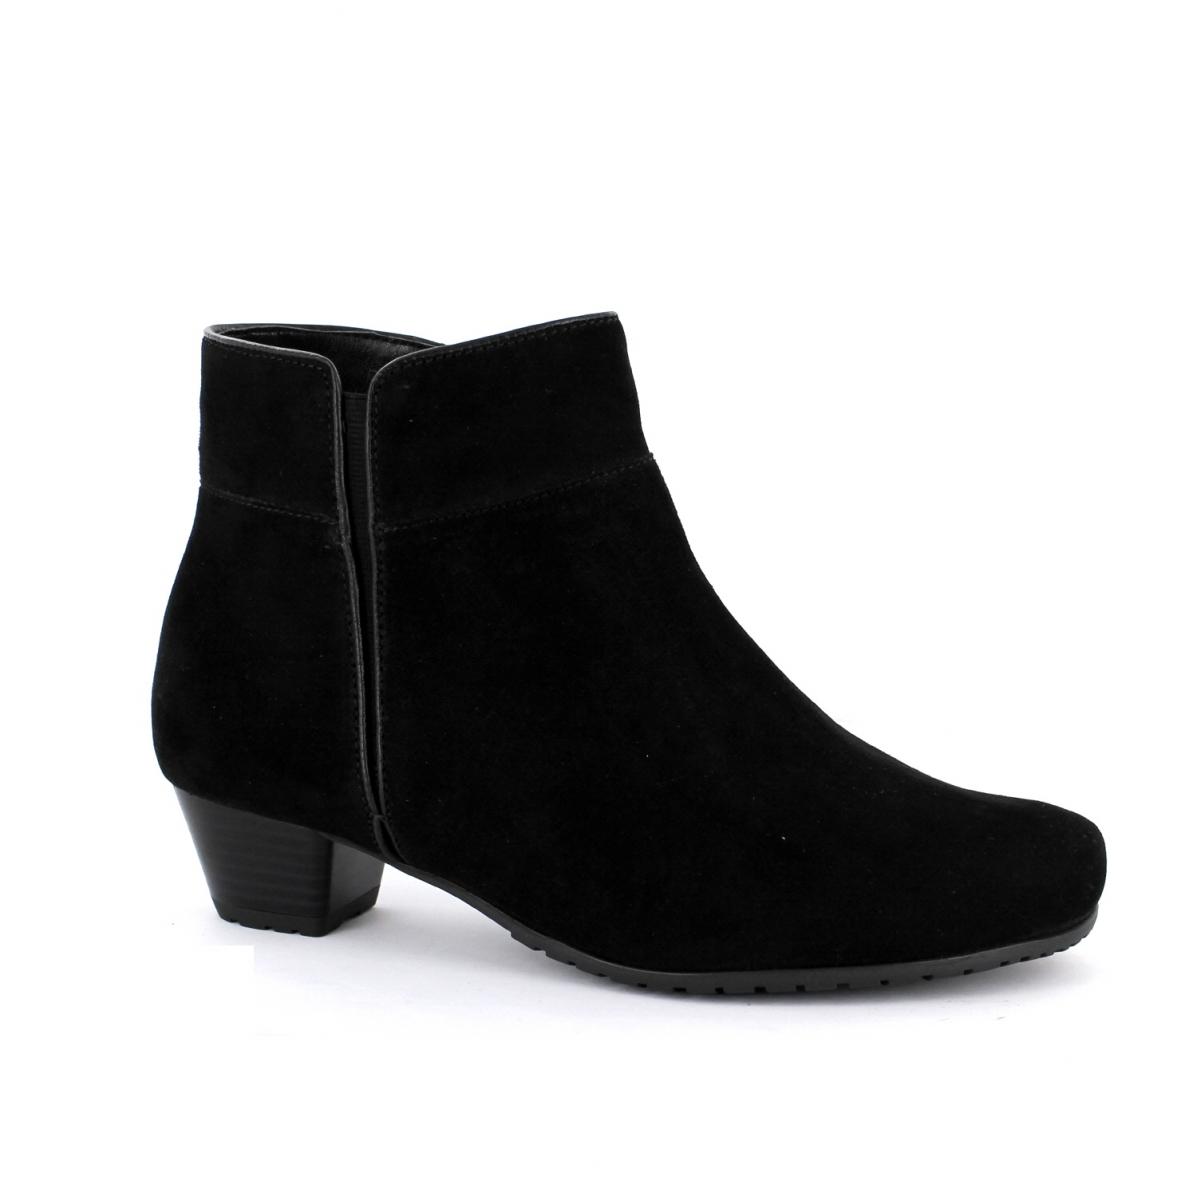 bieten eine große Auswahl an Rabatt zum Verkauf niedriger Preis Ara Stiefelette - schwarz | Hillenhinrichs-Schuhmode.de